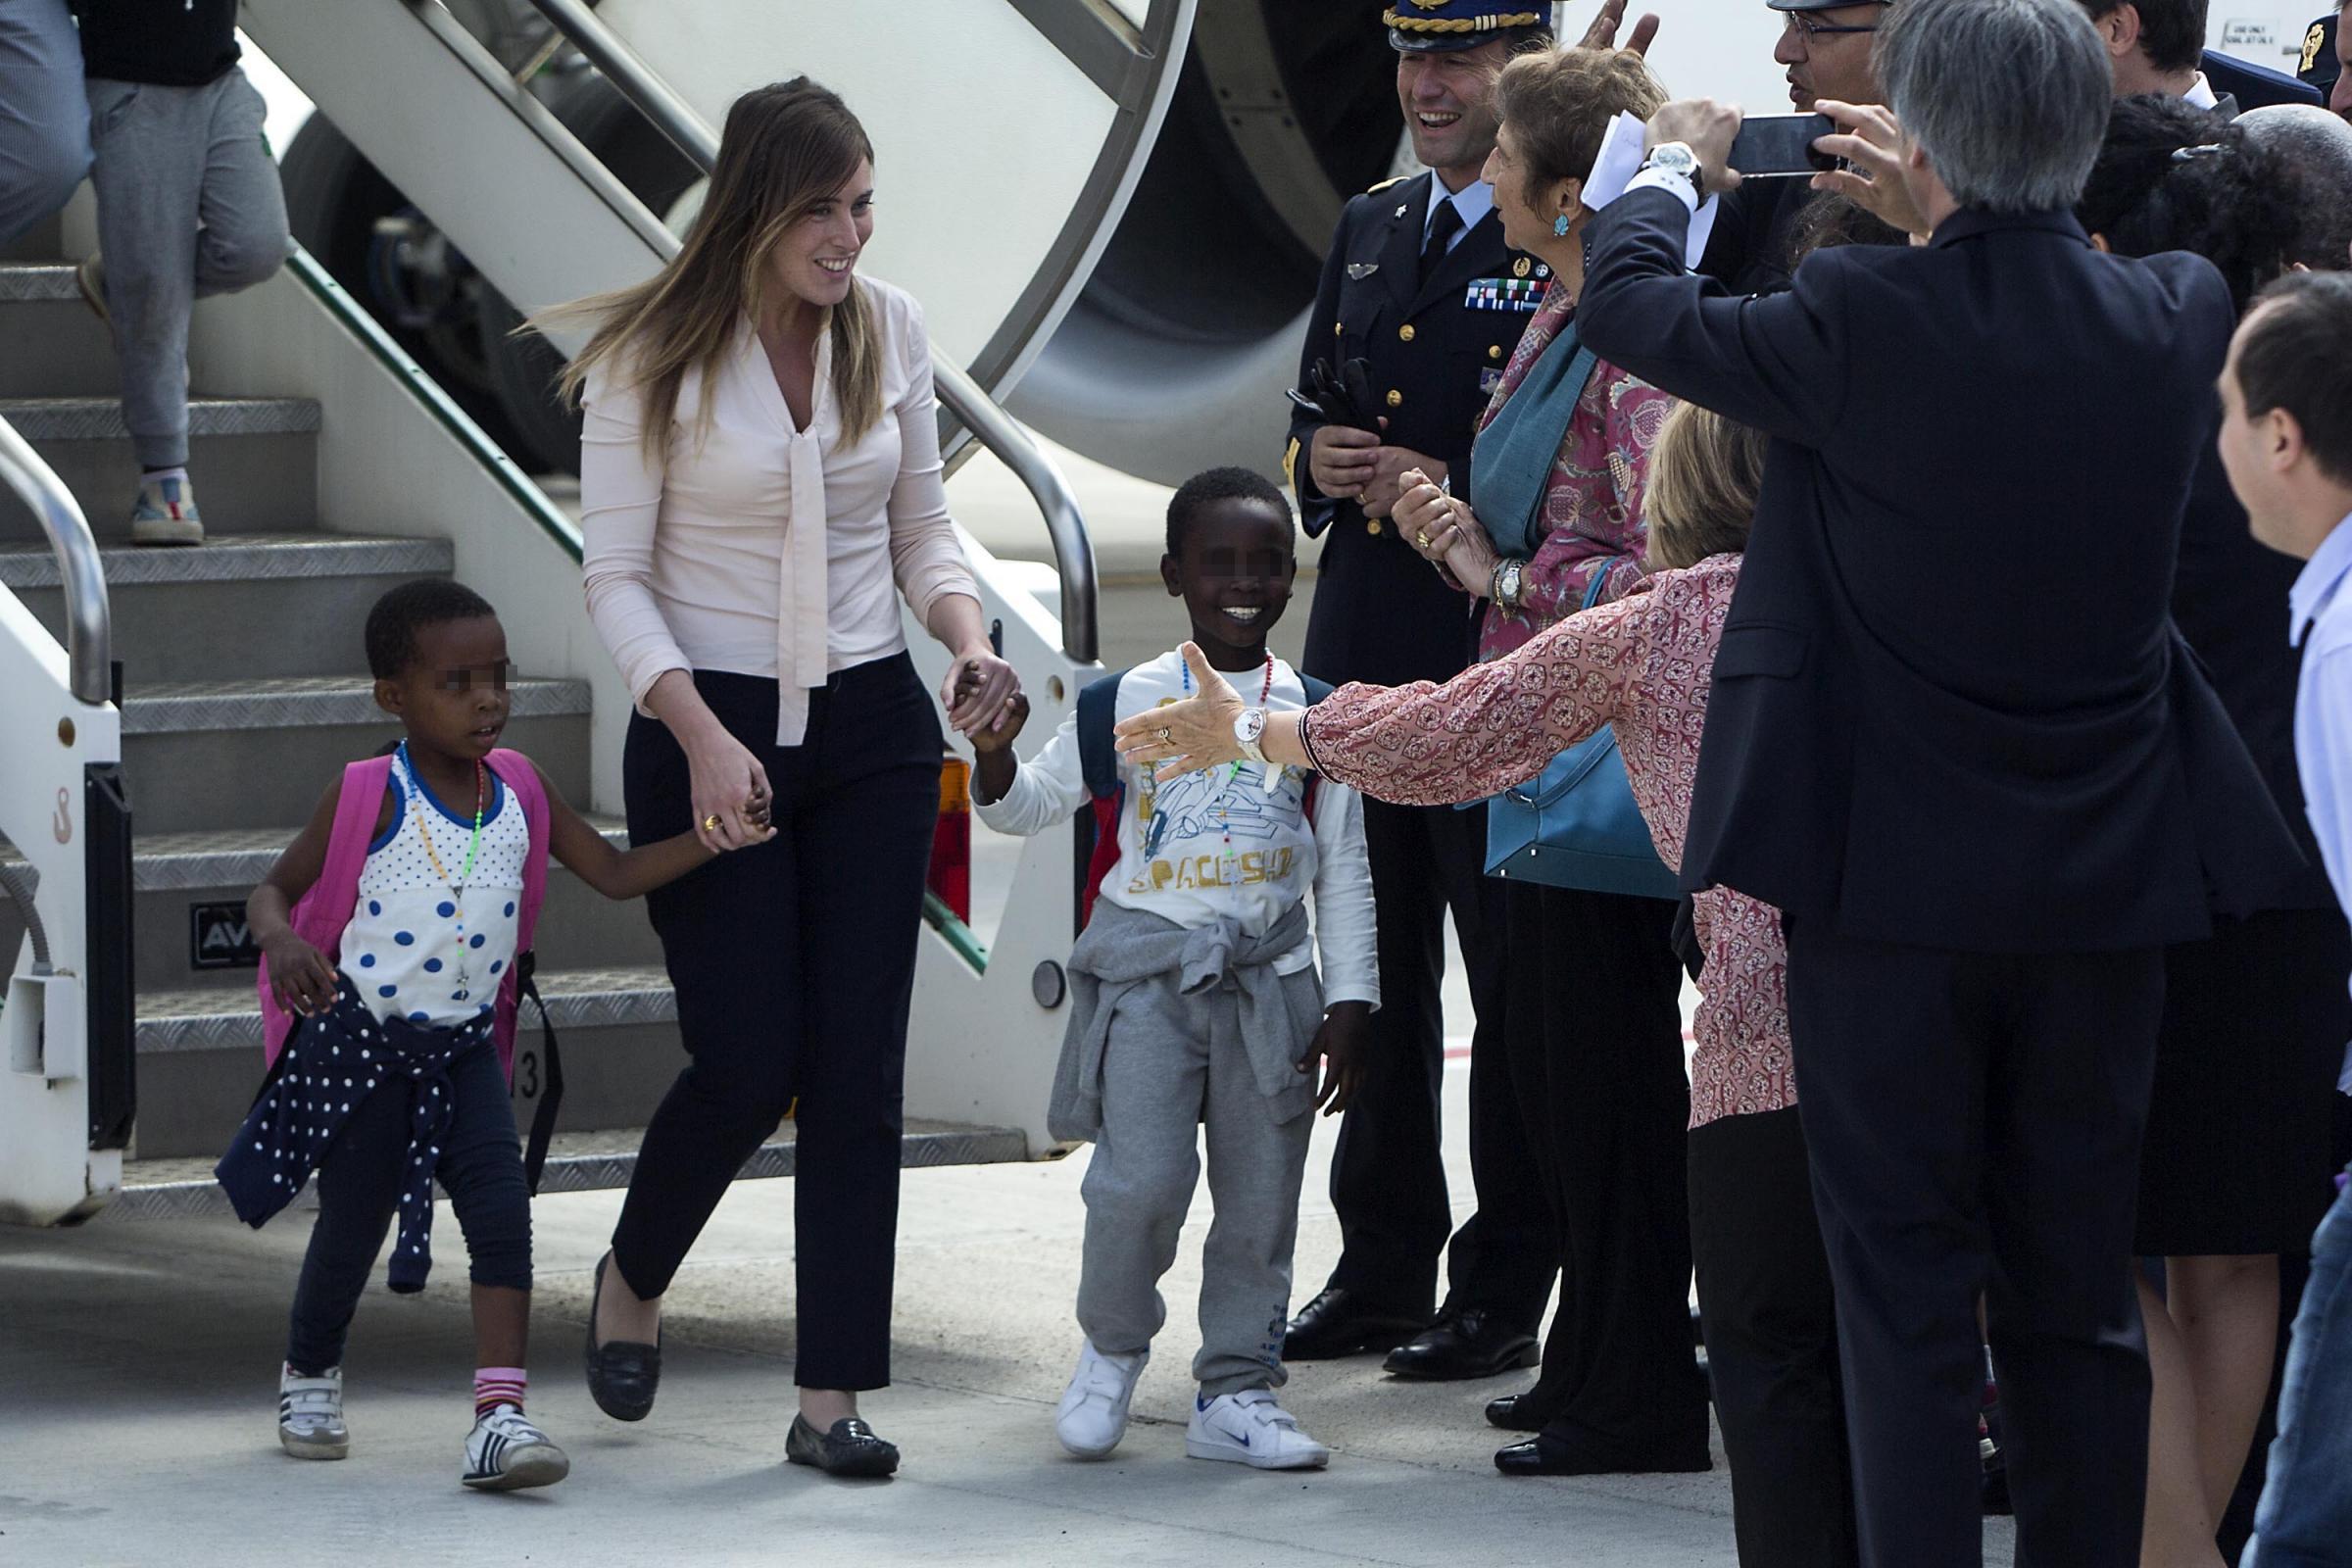 Bambini adottati in Congo: Maria Elena Boschi assume la posizione della missionaria